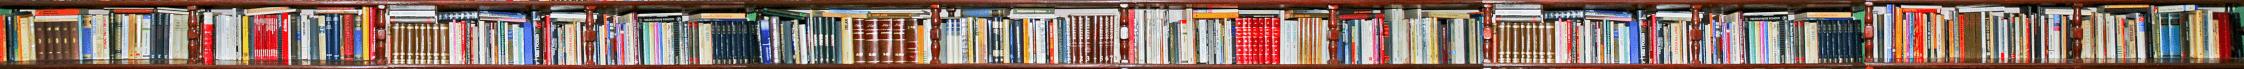 Bookshelf divider - Kyneton High School - Excellence in Teaching & Learning